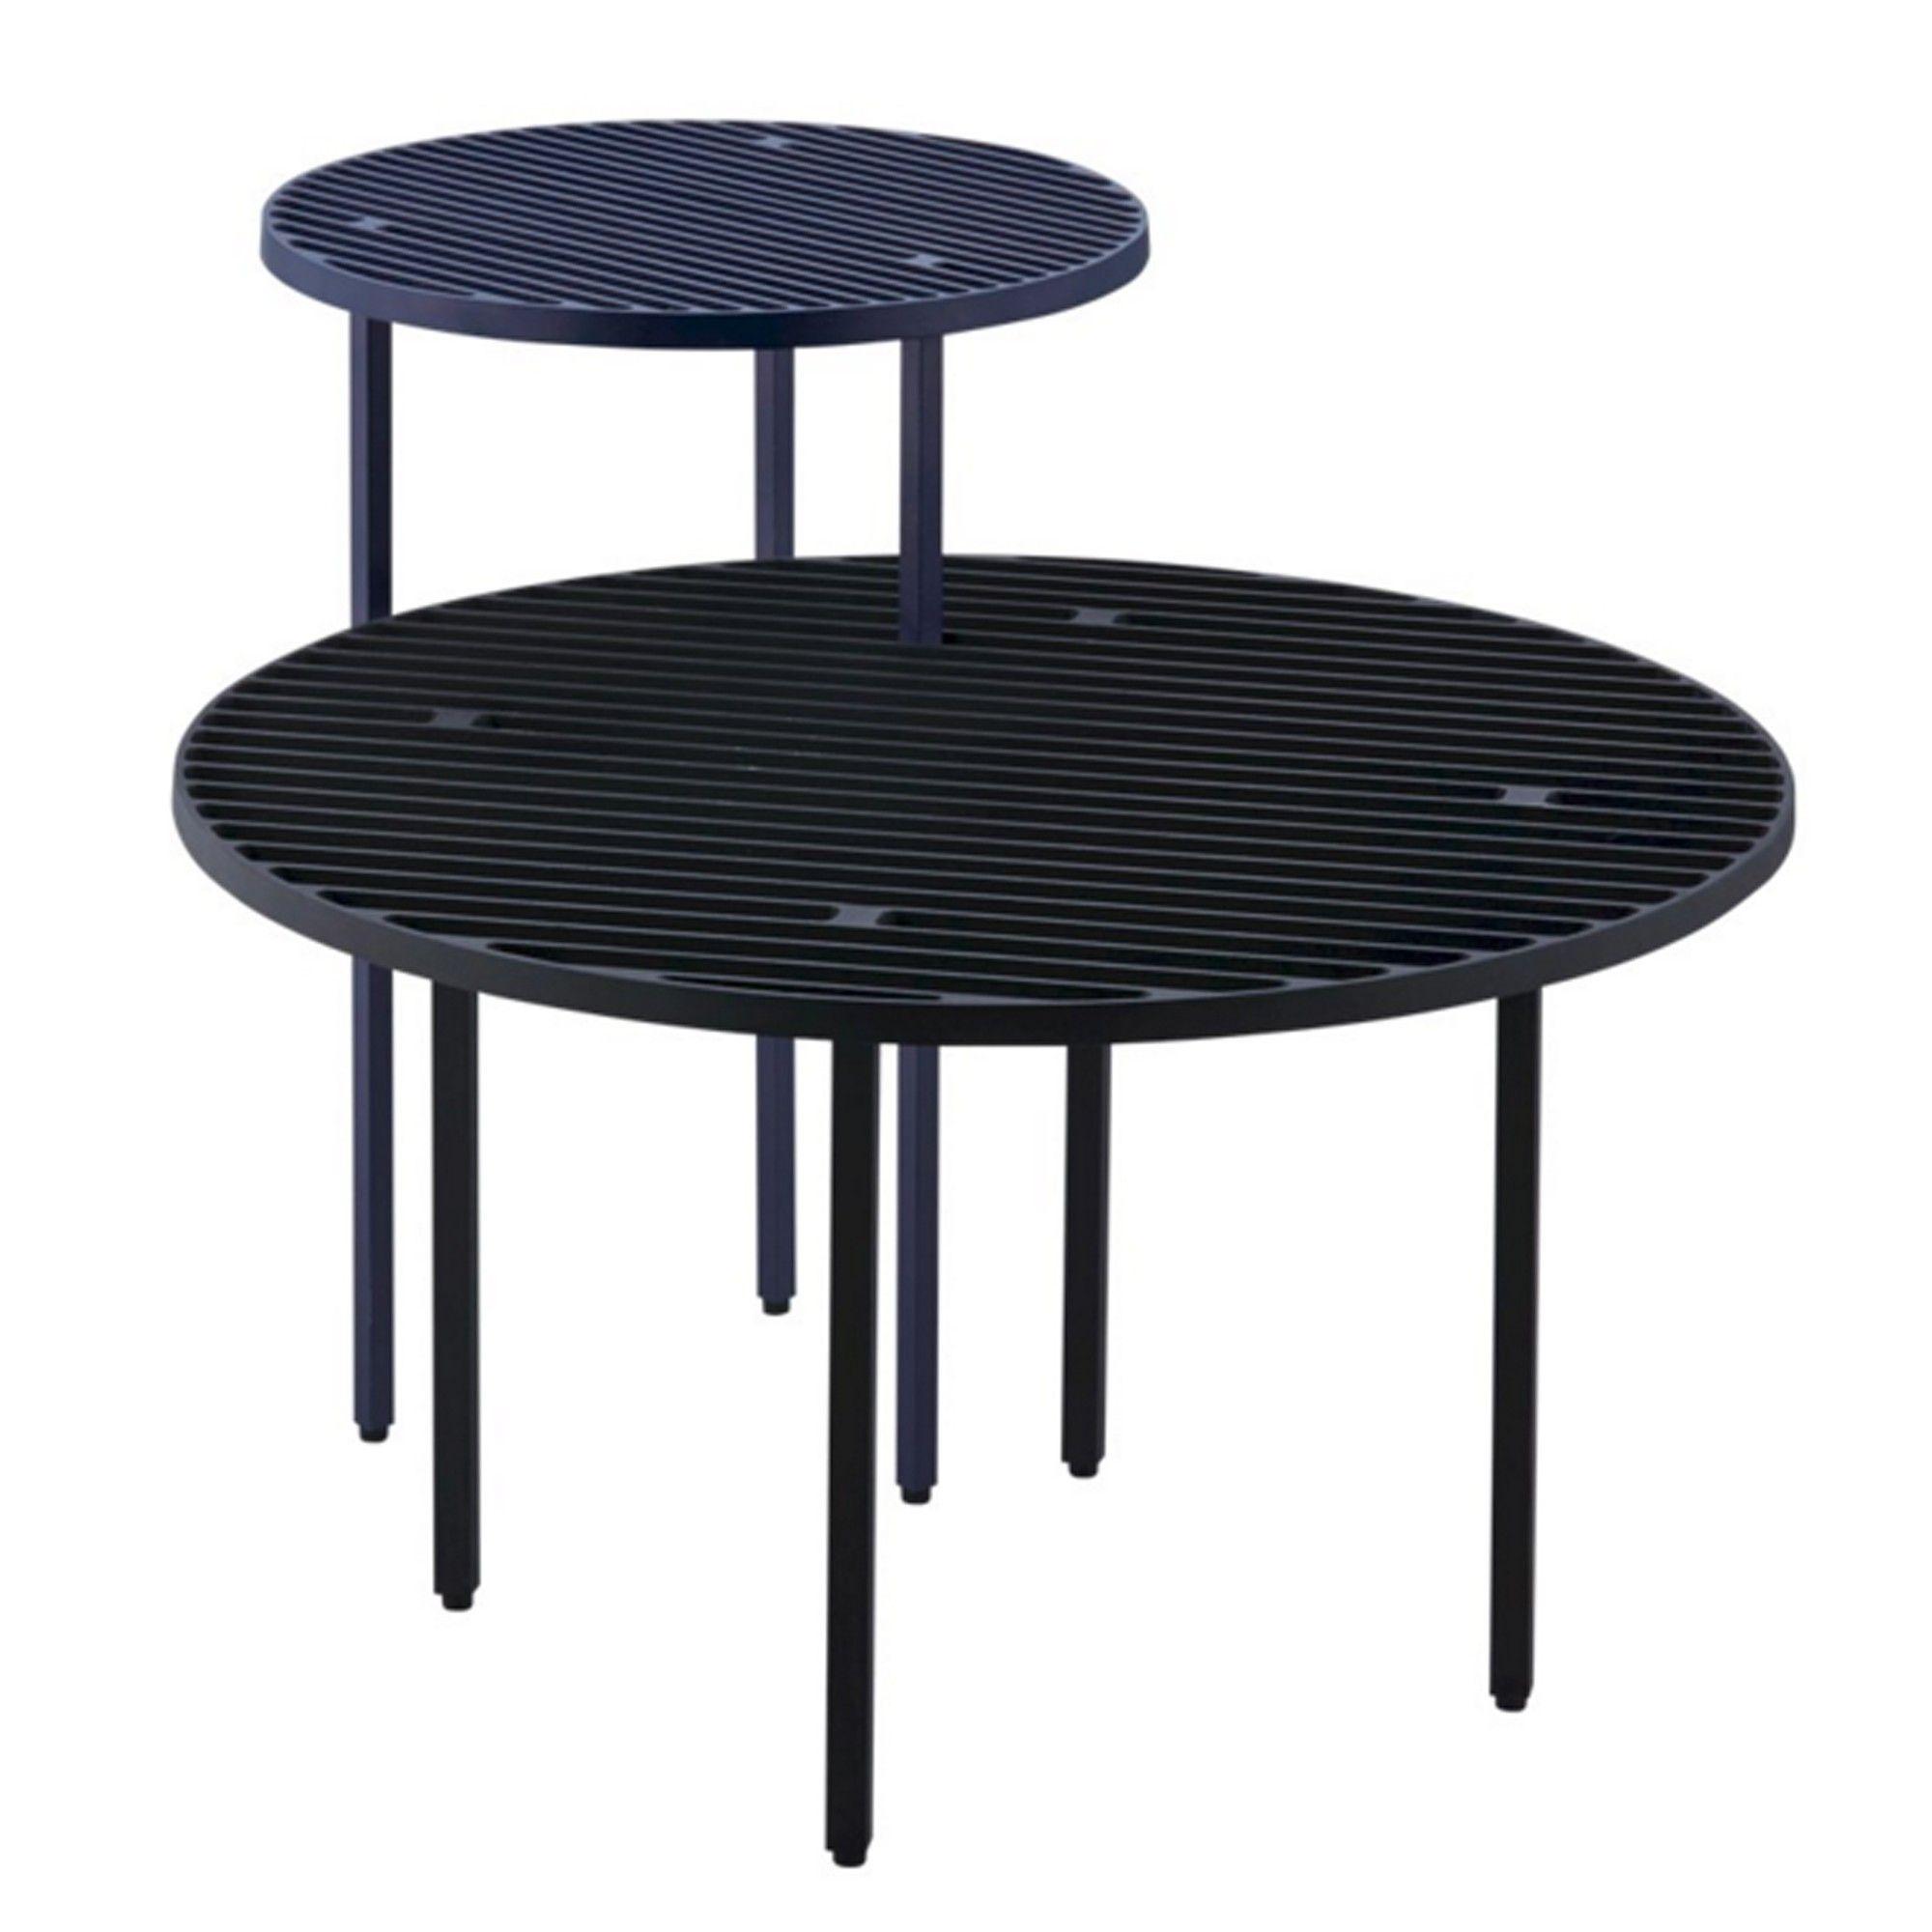 e01201c6273c5296559a870b73c96bb8 Meilleur De De Table Basse En Palette Des Idées